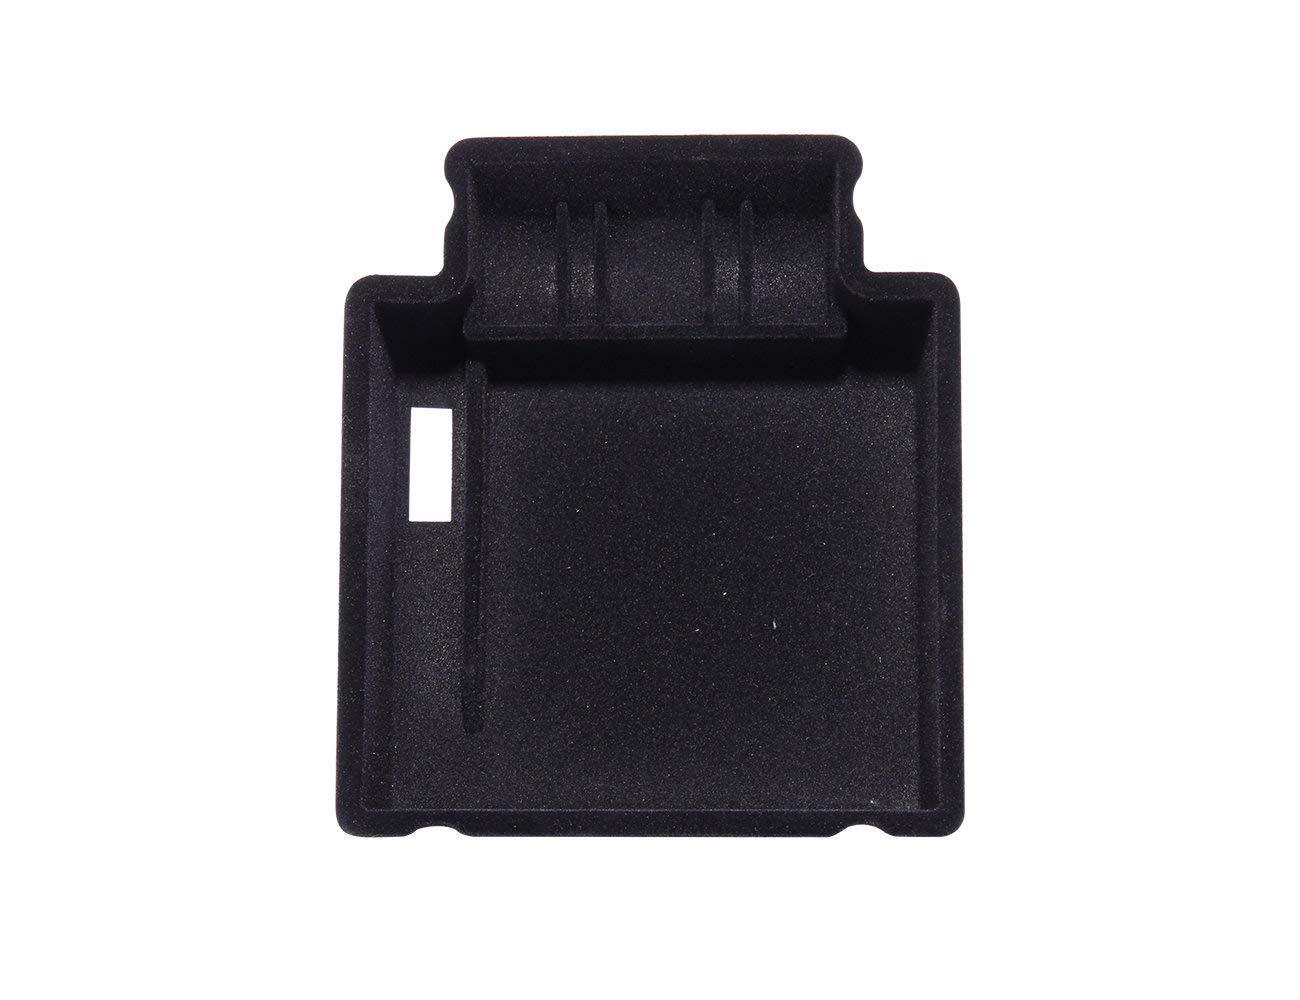 Accessorio per veicolo interno per auto, per Macan 2014-2017, portaoggetti per braccioli portaoggetti per telefono portaoggetti in pelle scamosciata, 1 pz/set ACCEMOD